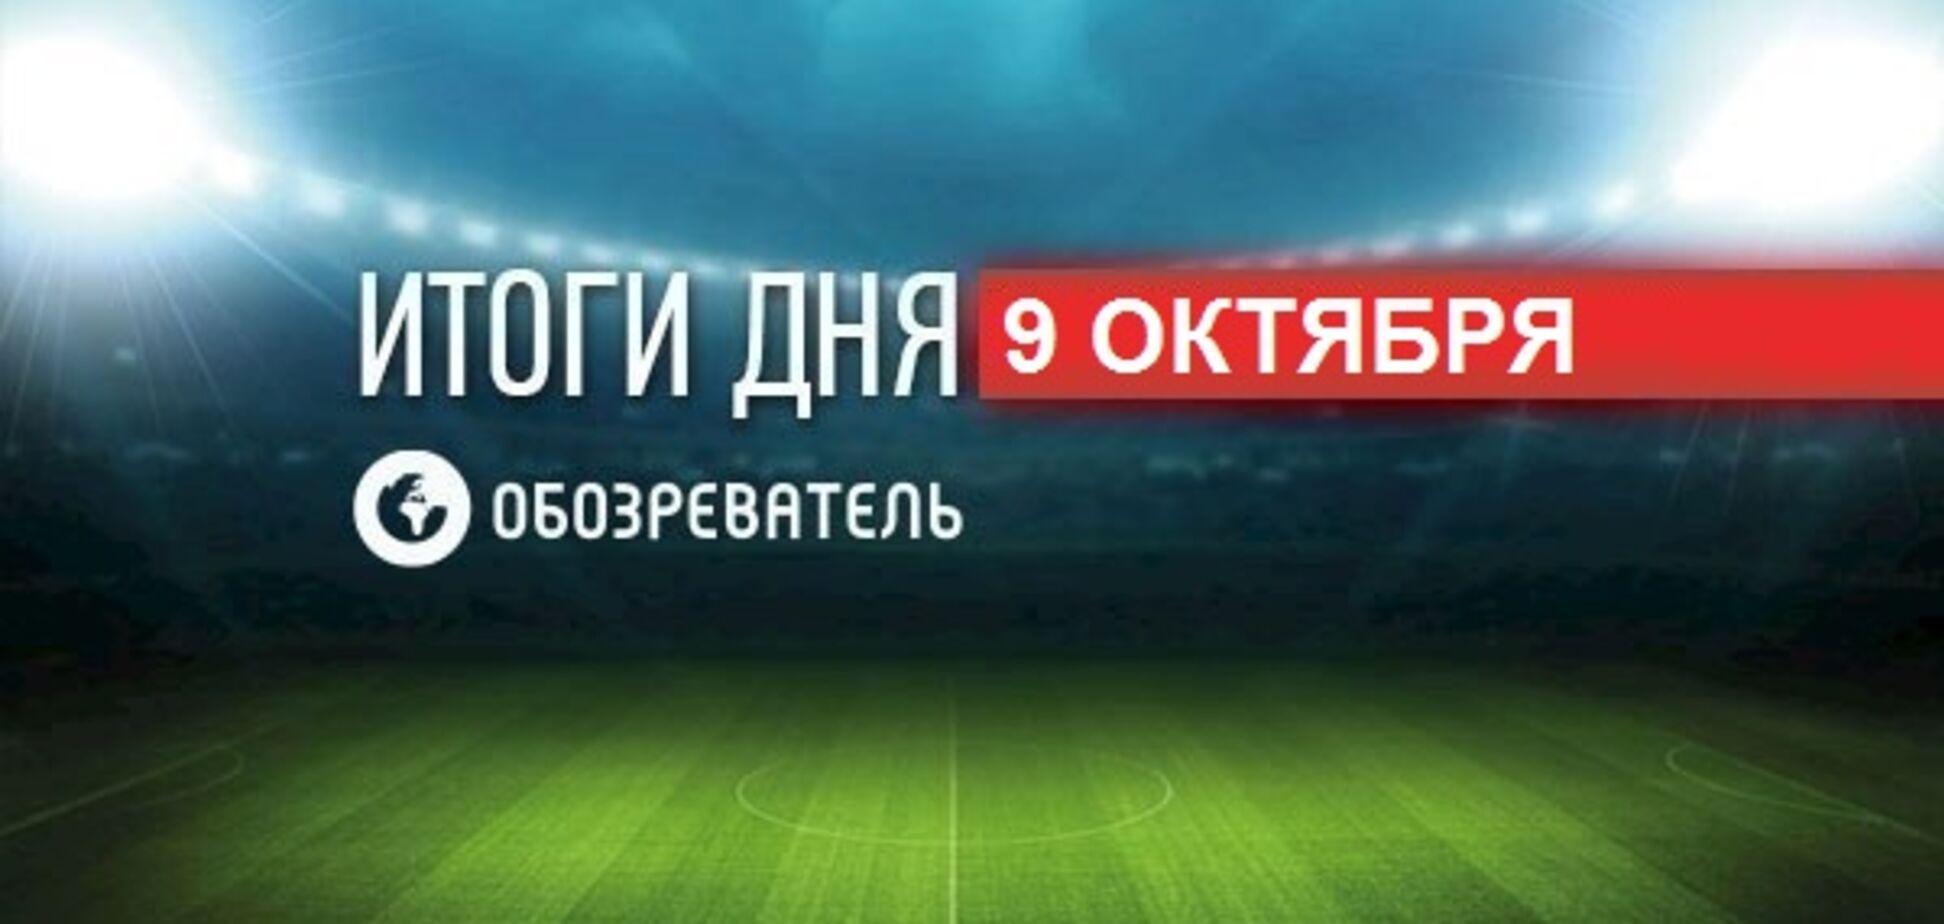 Україна не поїде на чемпіонат світу з футболу у Росії: спортивні підсумки 9 жовтня